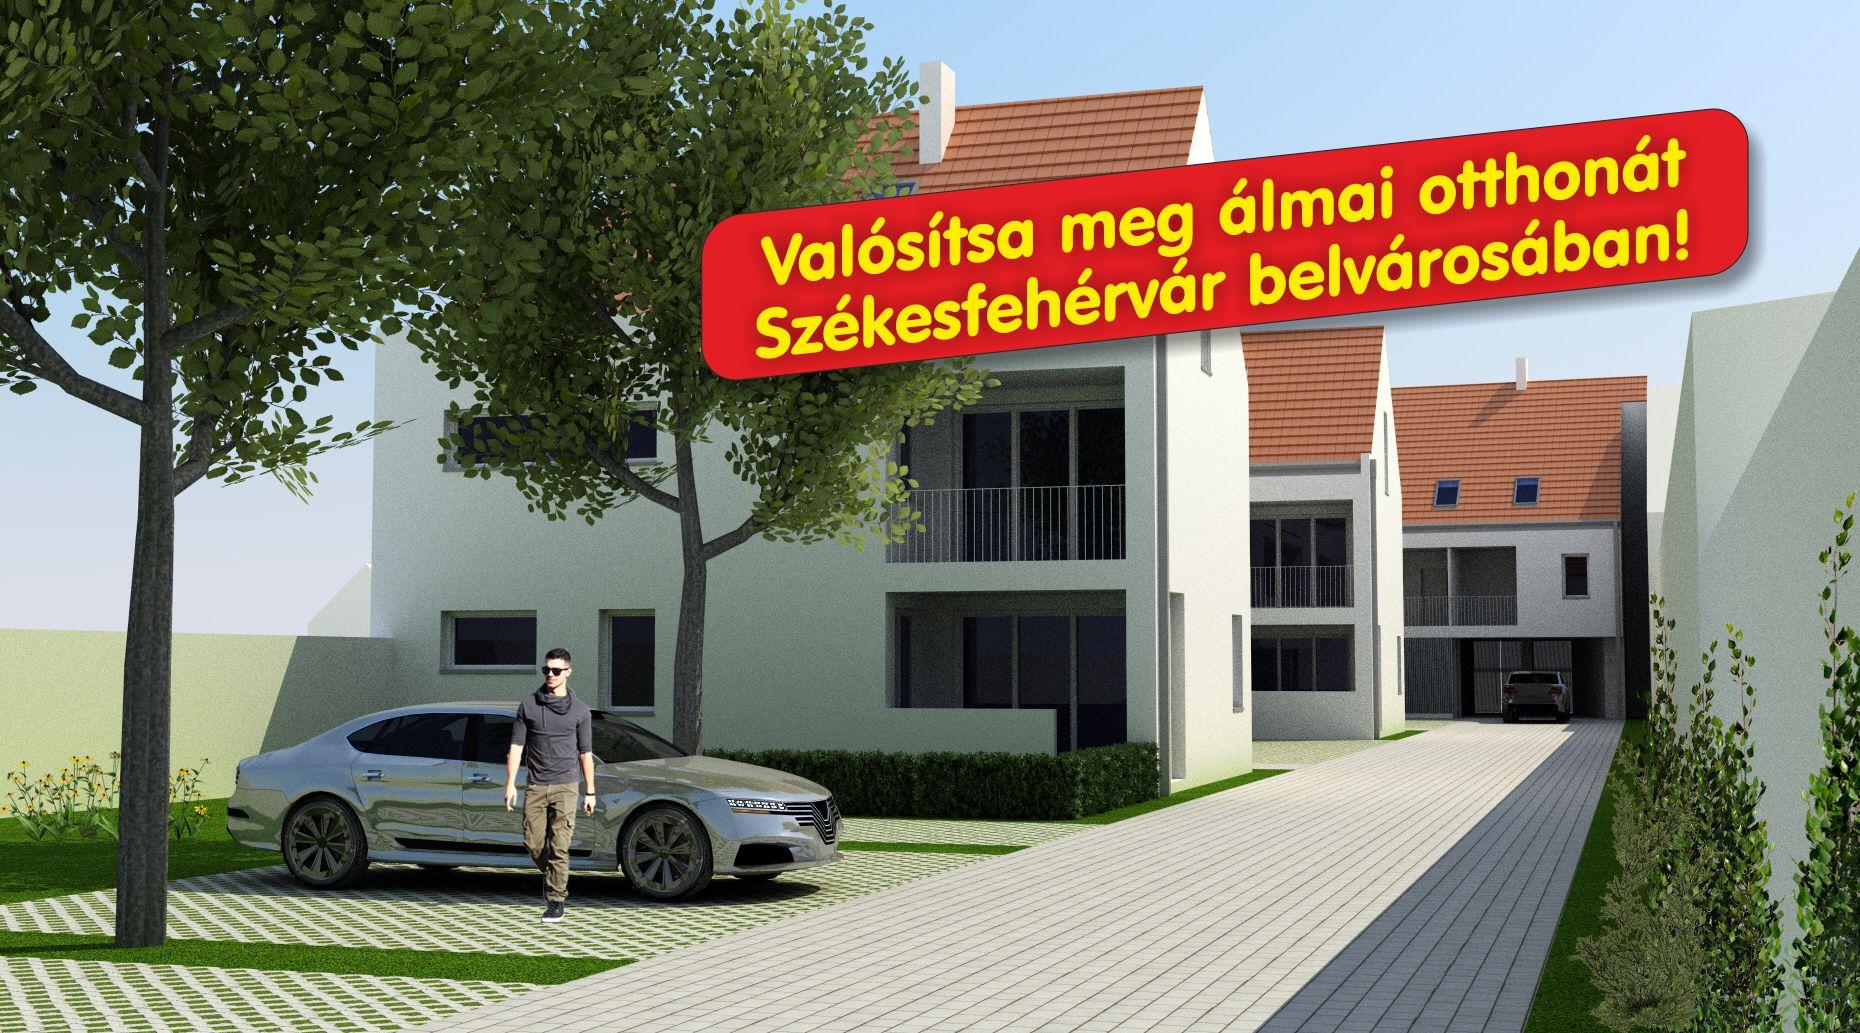 Eladó lakások Székesfehérváron - Korona Lakópark